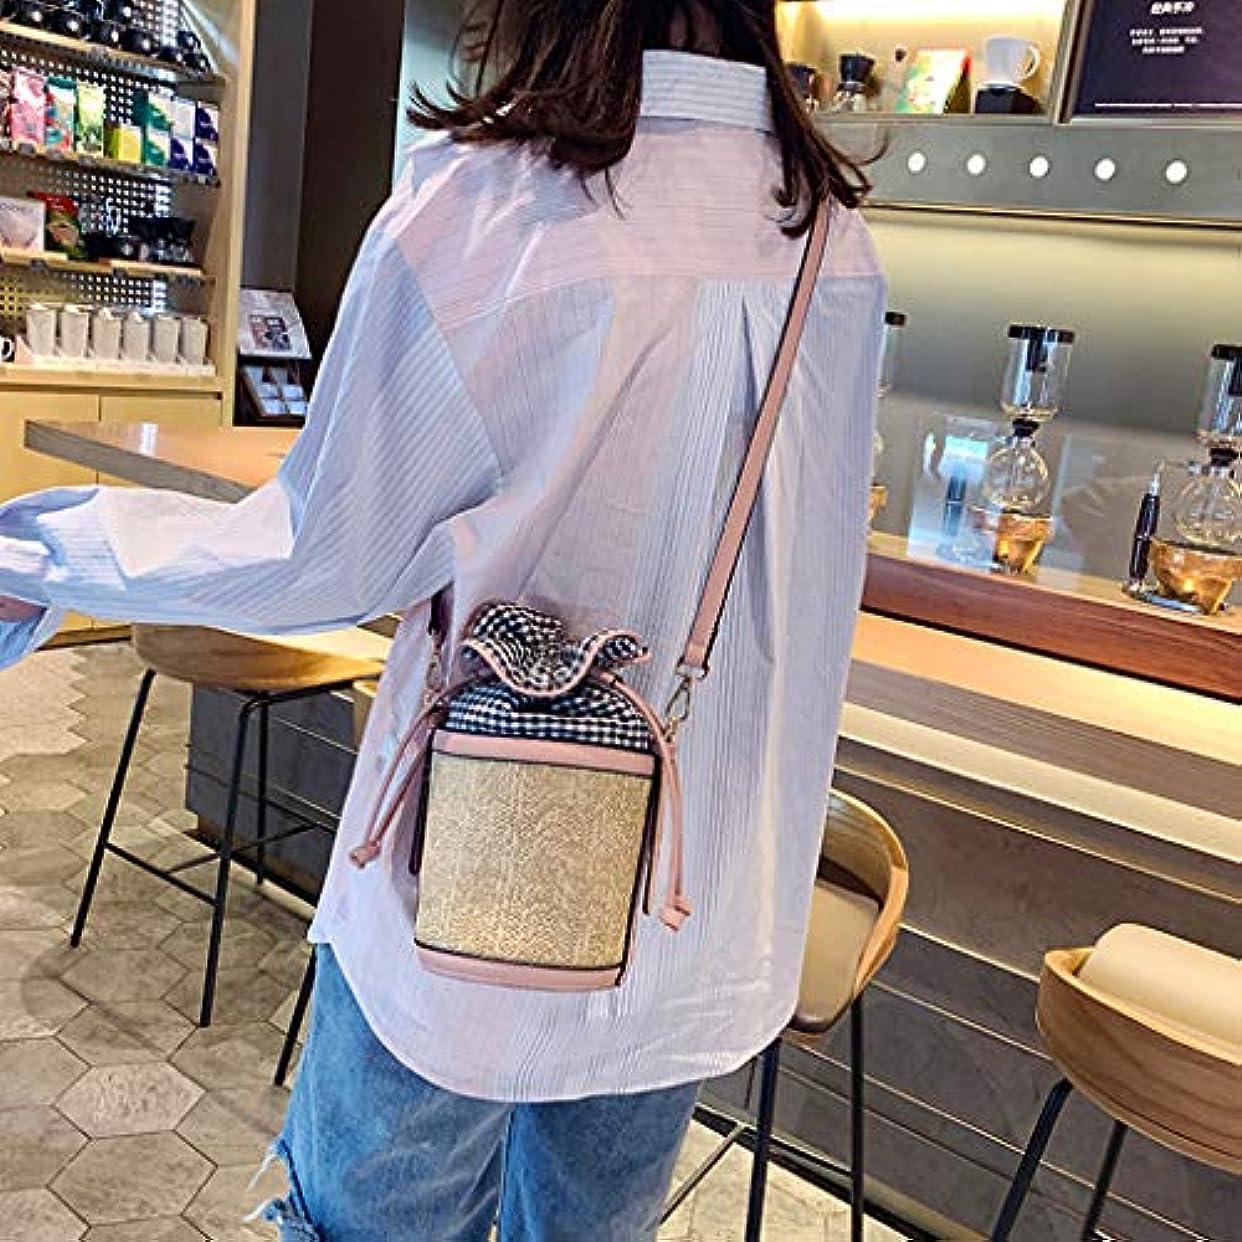 またはどちらか隔離するぼかすファッション女性レトロ織り格子革バケットバッグクロスボディバッグショルダーバッグ、女性のヴィンテージ織格子縞ステッチバケットバッグ斜めバッグ (ピンク)